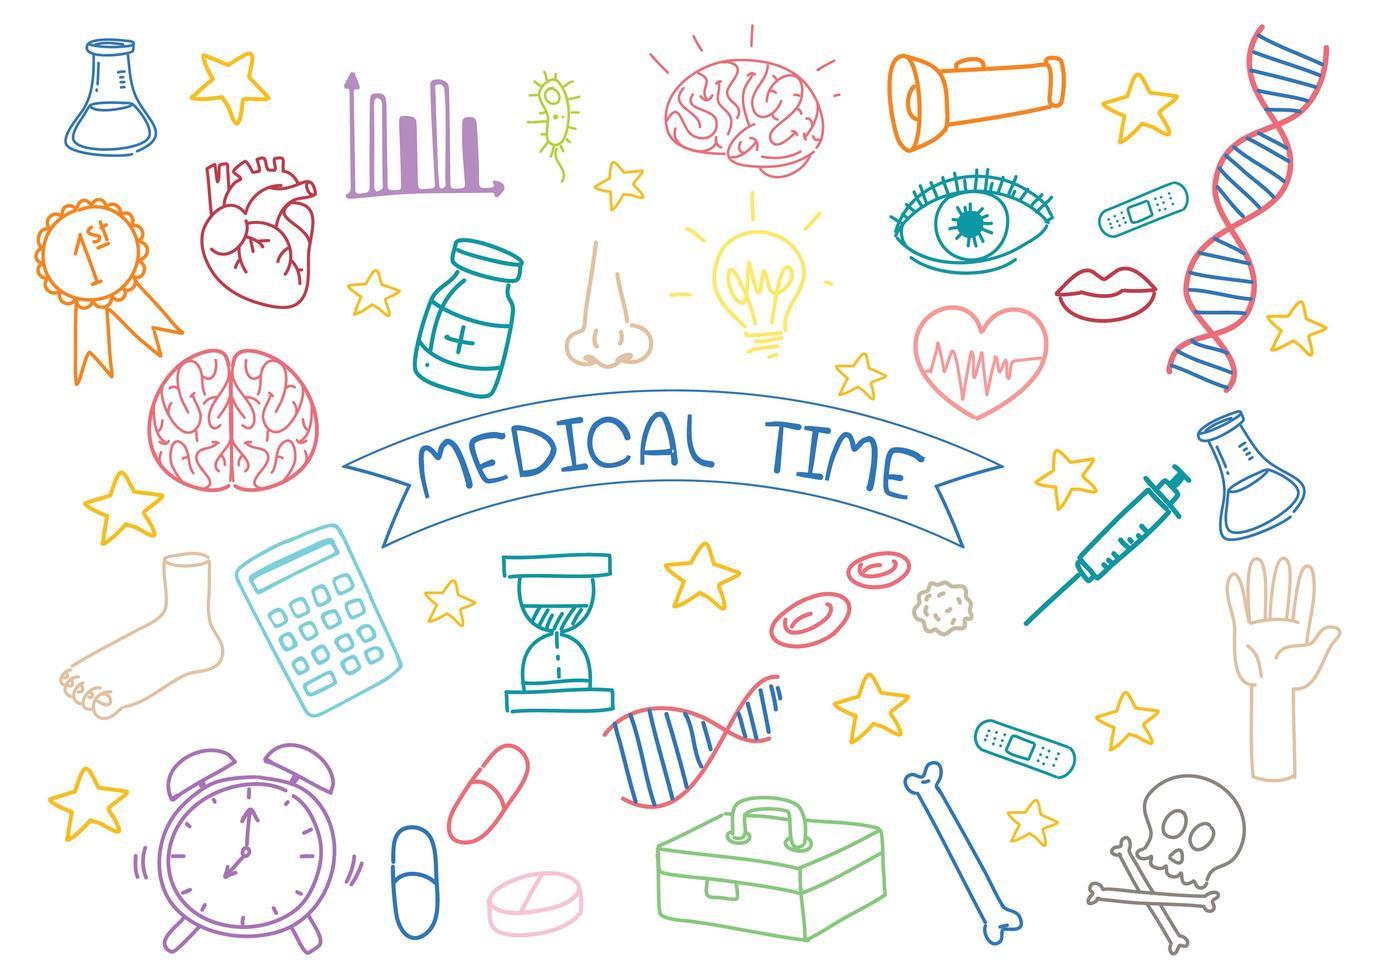 uppsättning medicinsk element doodle isolerad på vit bakgrund vektor